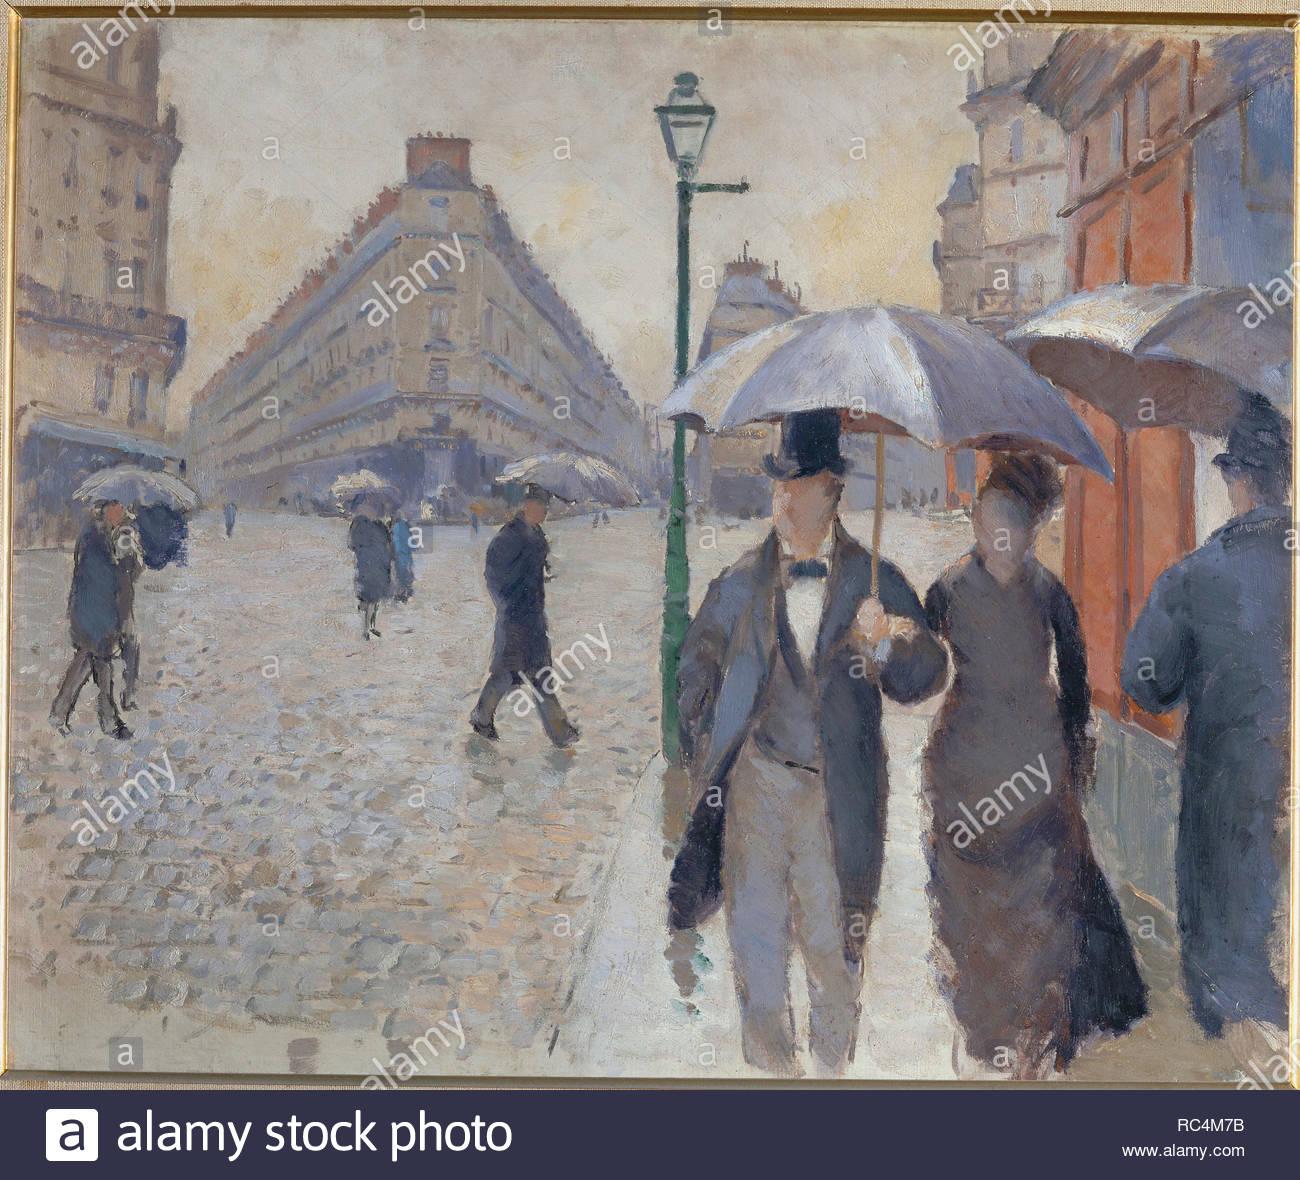 Rue de Paris; temps de pluie-Paris street; rain. 1877, oil-sketch 54 x 65 cm. Author: CAILLEBOTTE, GUSTAVE. Location: Musee Marmottan, Paris, France. - Stock Image